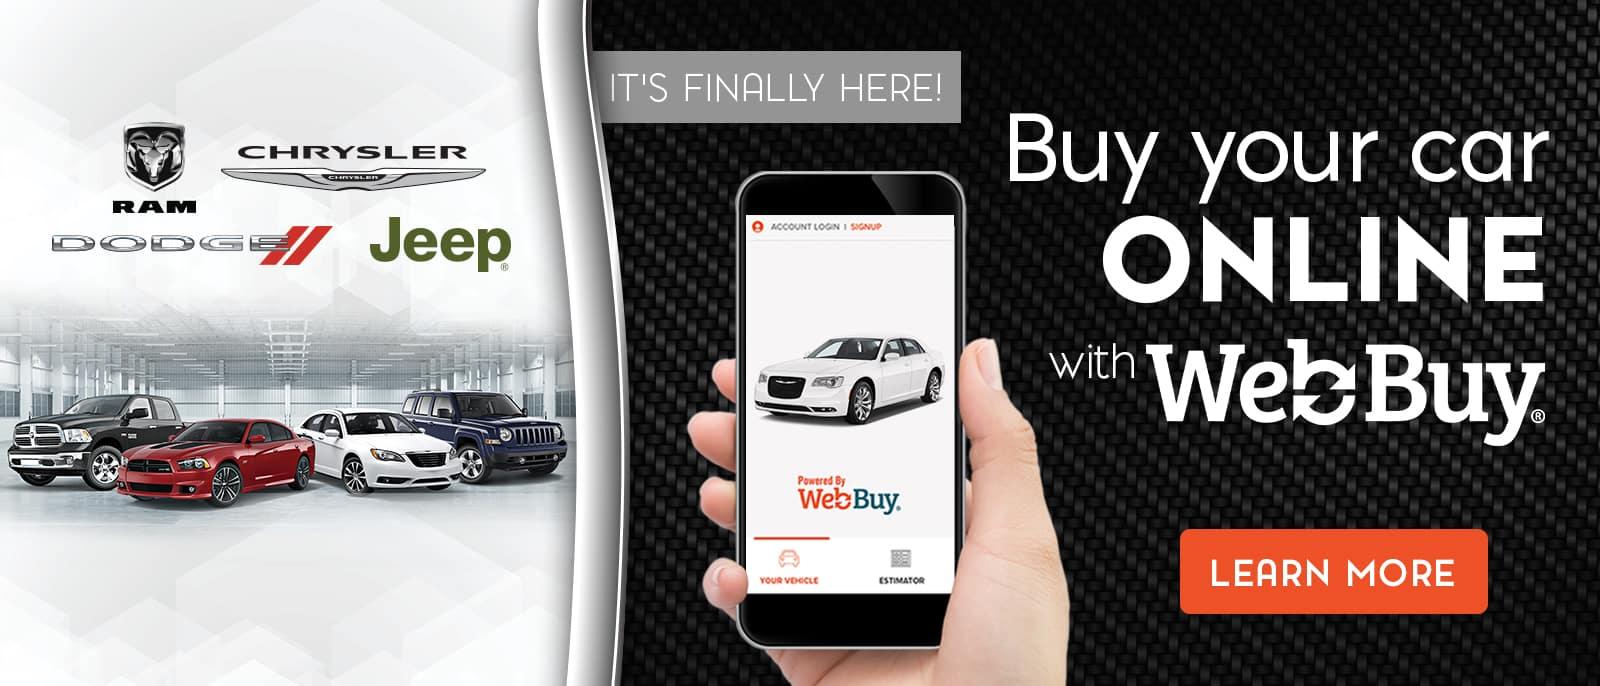 WebBuy_ChryslerGroup_Banner_1600x626_V1